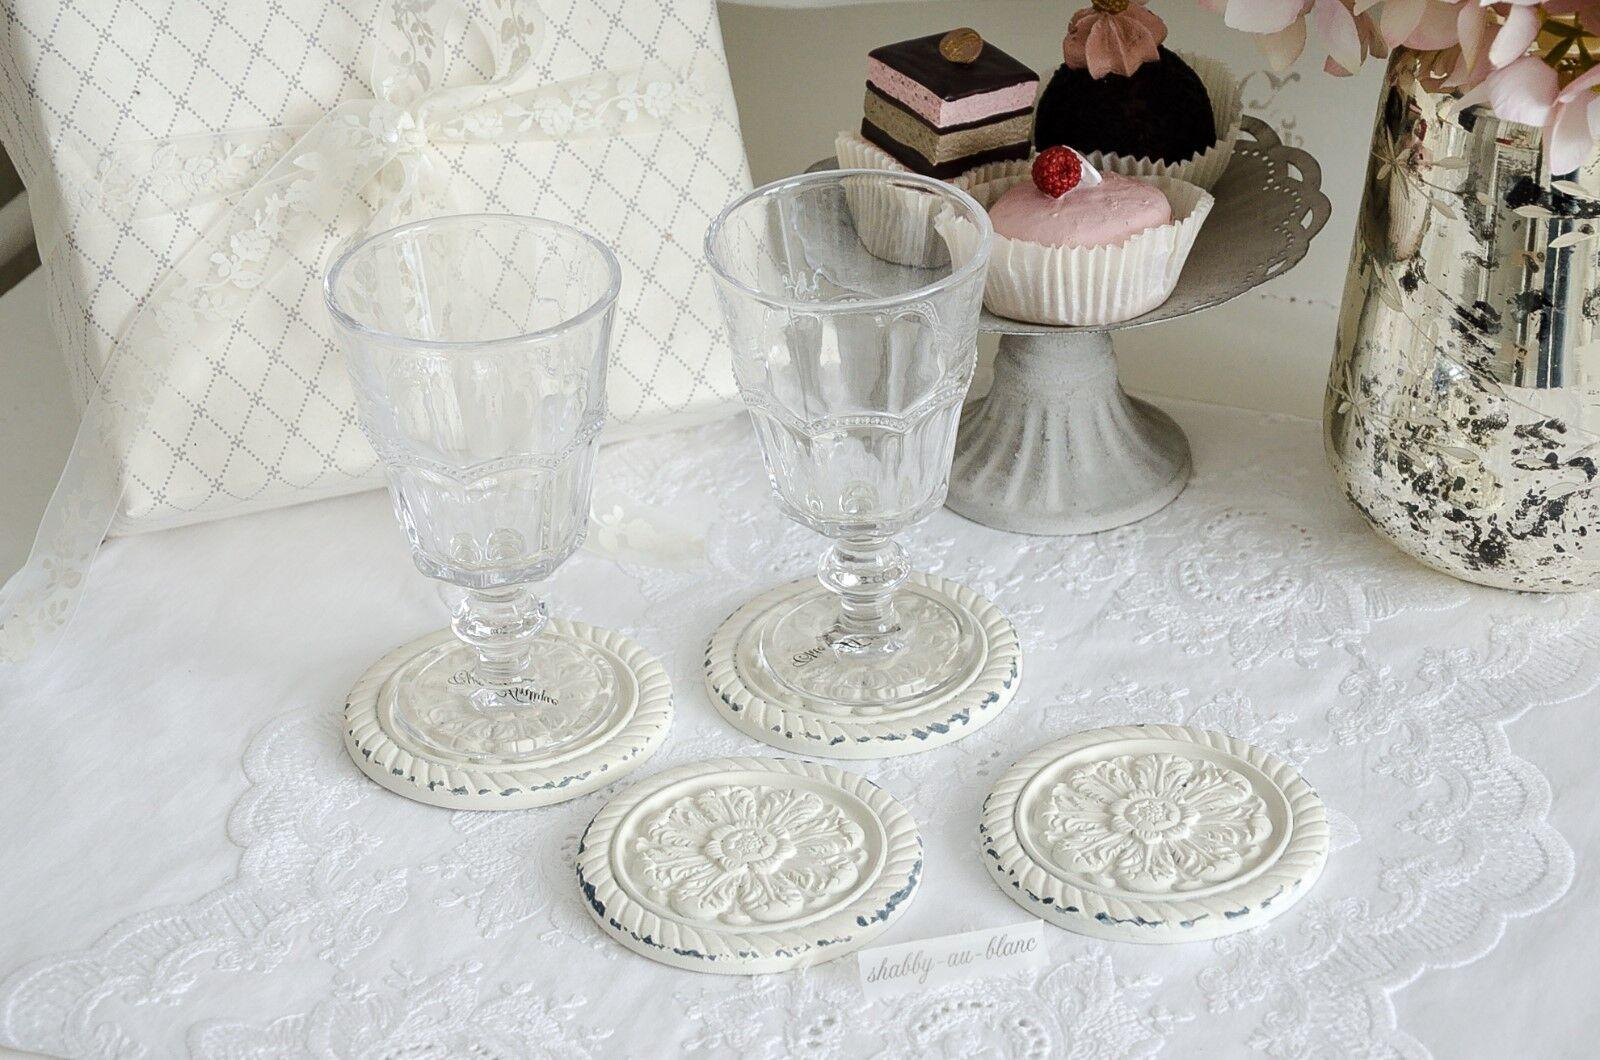 4 Stück Shabby Vintage Glasuntersetzer aus Marmor FRANZÖSISCHE WEINE B Untersetz